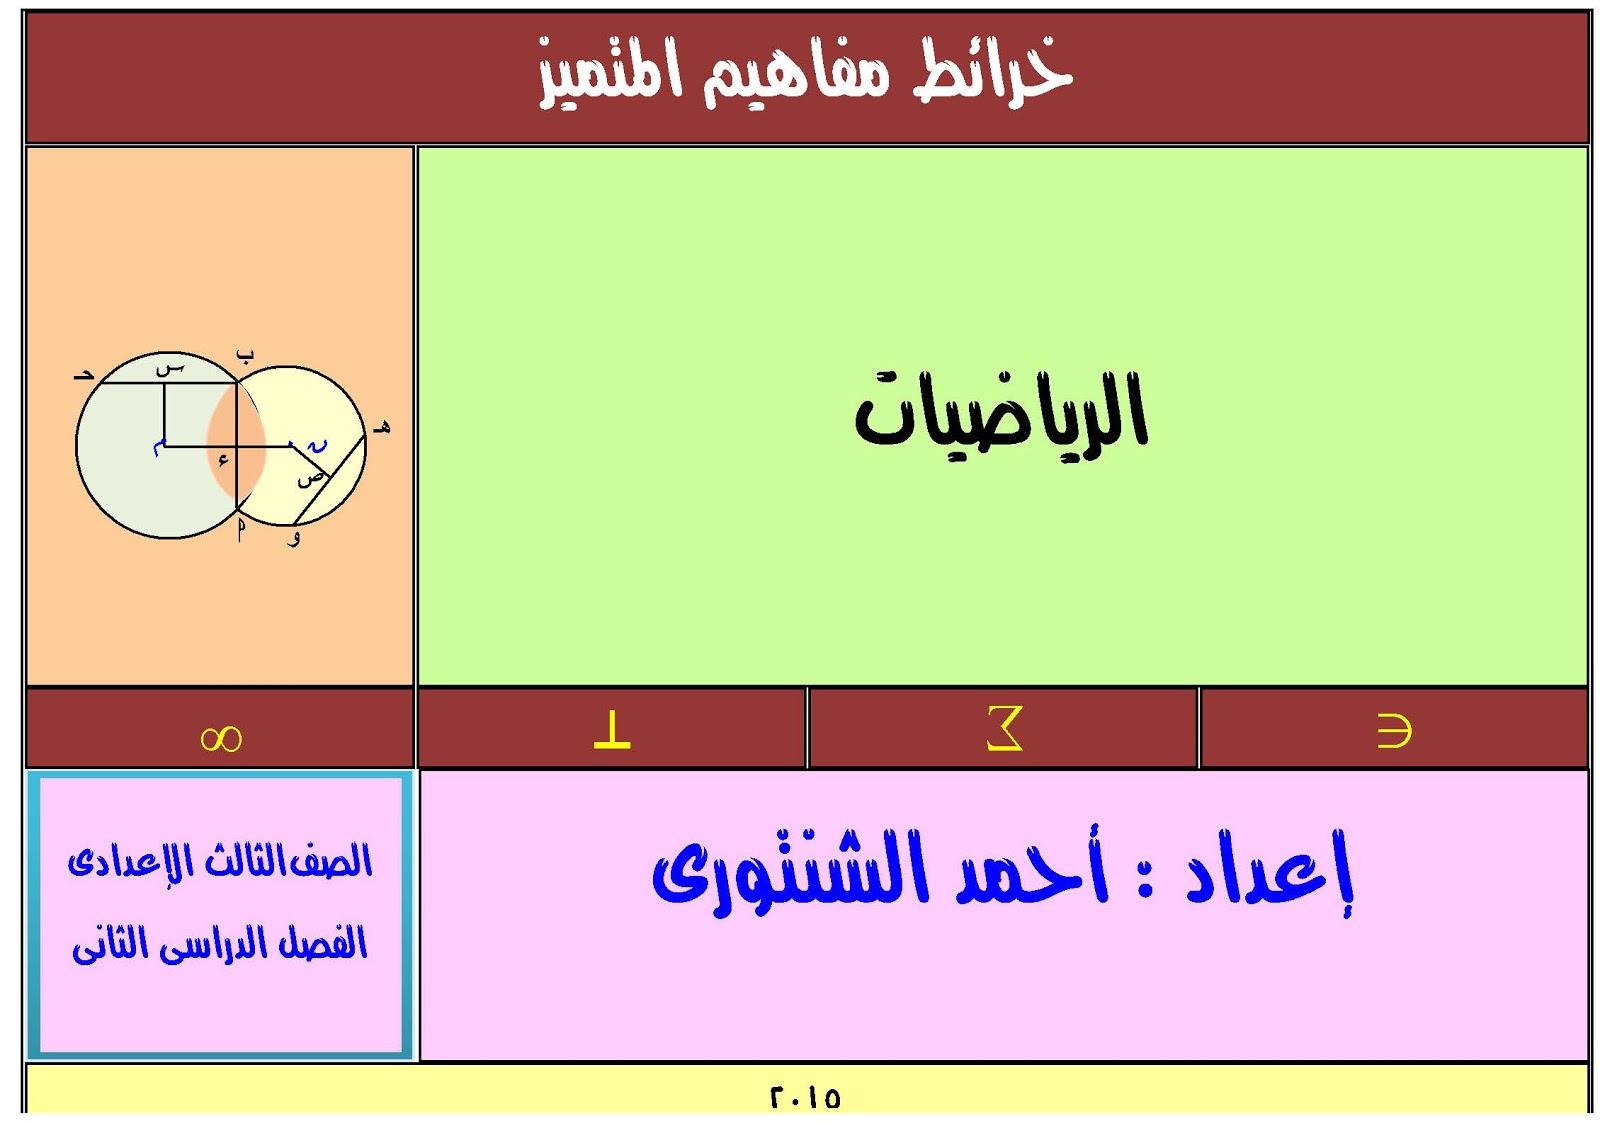 تلخيص الرياضيات جبر وهندسة للصف الثالث الاعدادى 2016 الاستاذ المتمكن احمد الشنتورى الترم الثانى